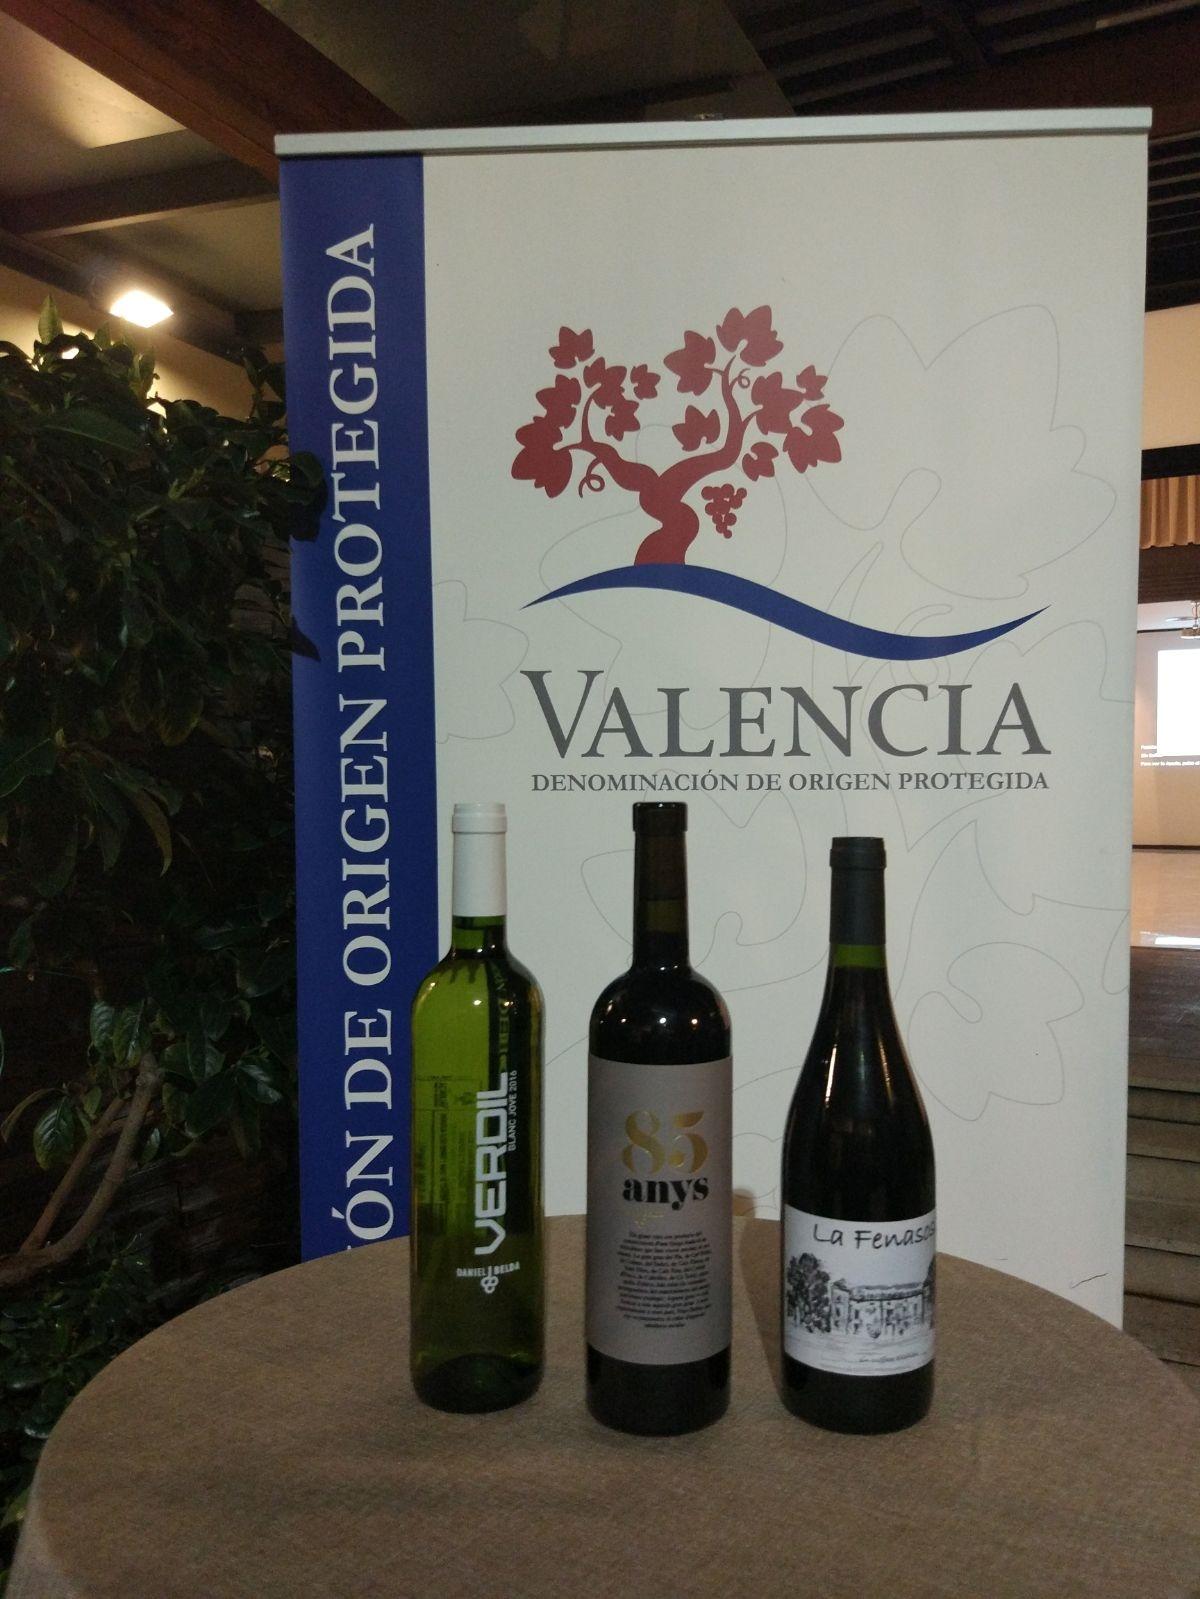 Daniel Belda conmemora su 85 aniversario en la D. O. Valencia presentando nuevos vinos